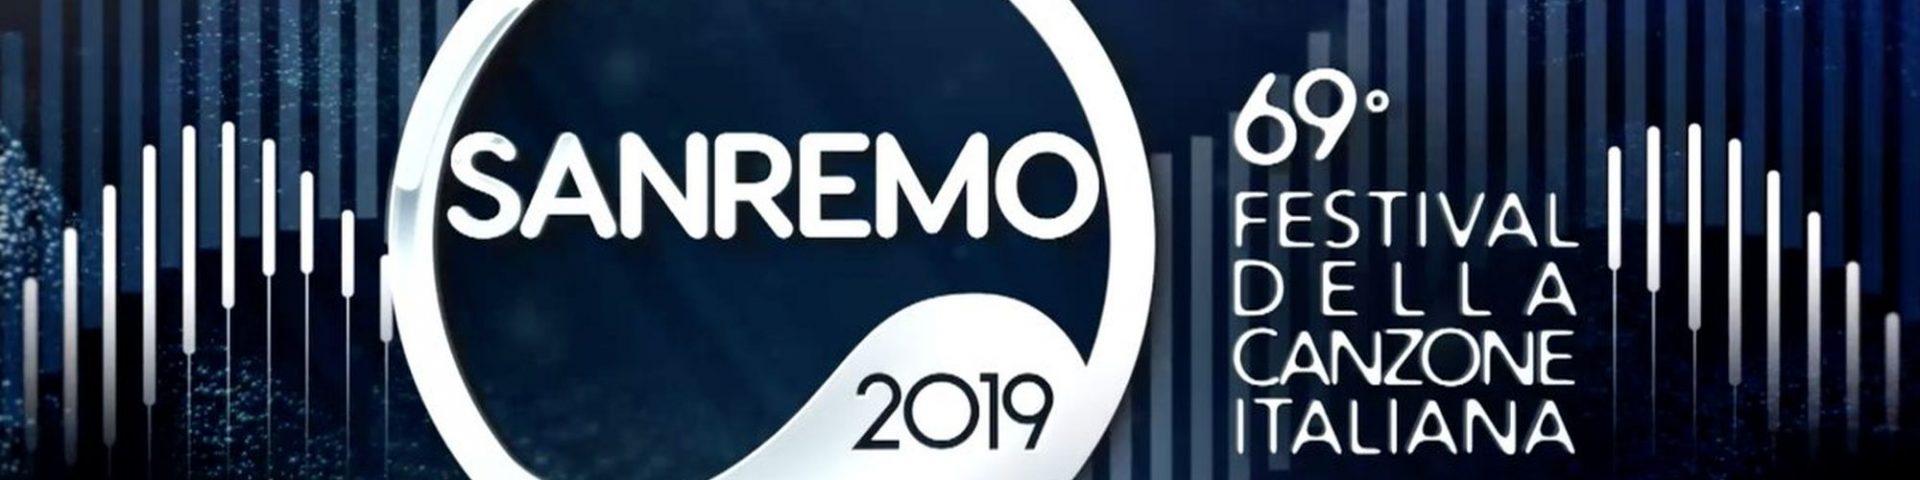 Sanremo 2019: ecco chi sono i 24 artisti in gara